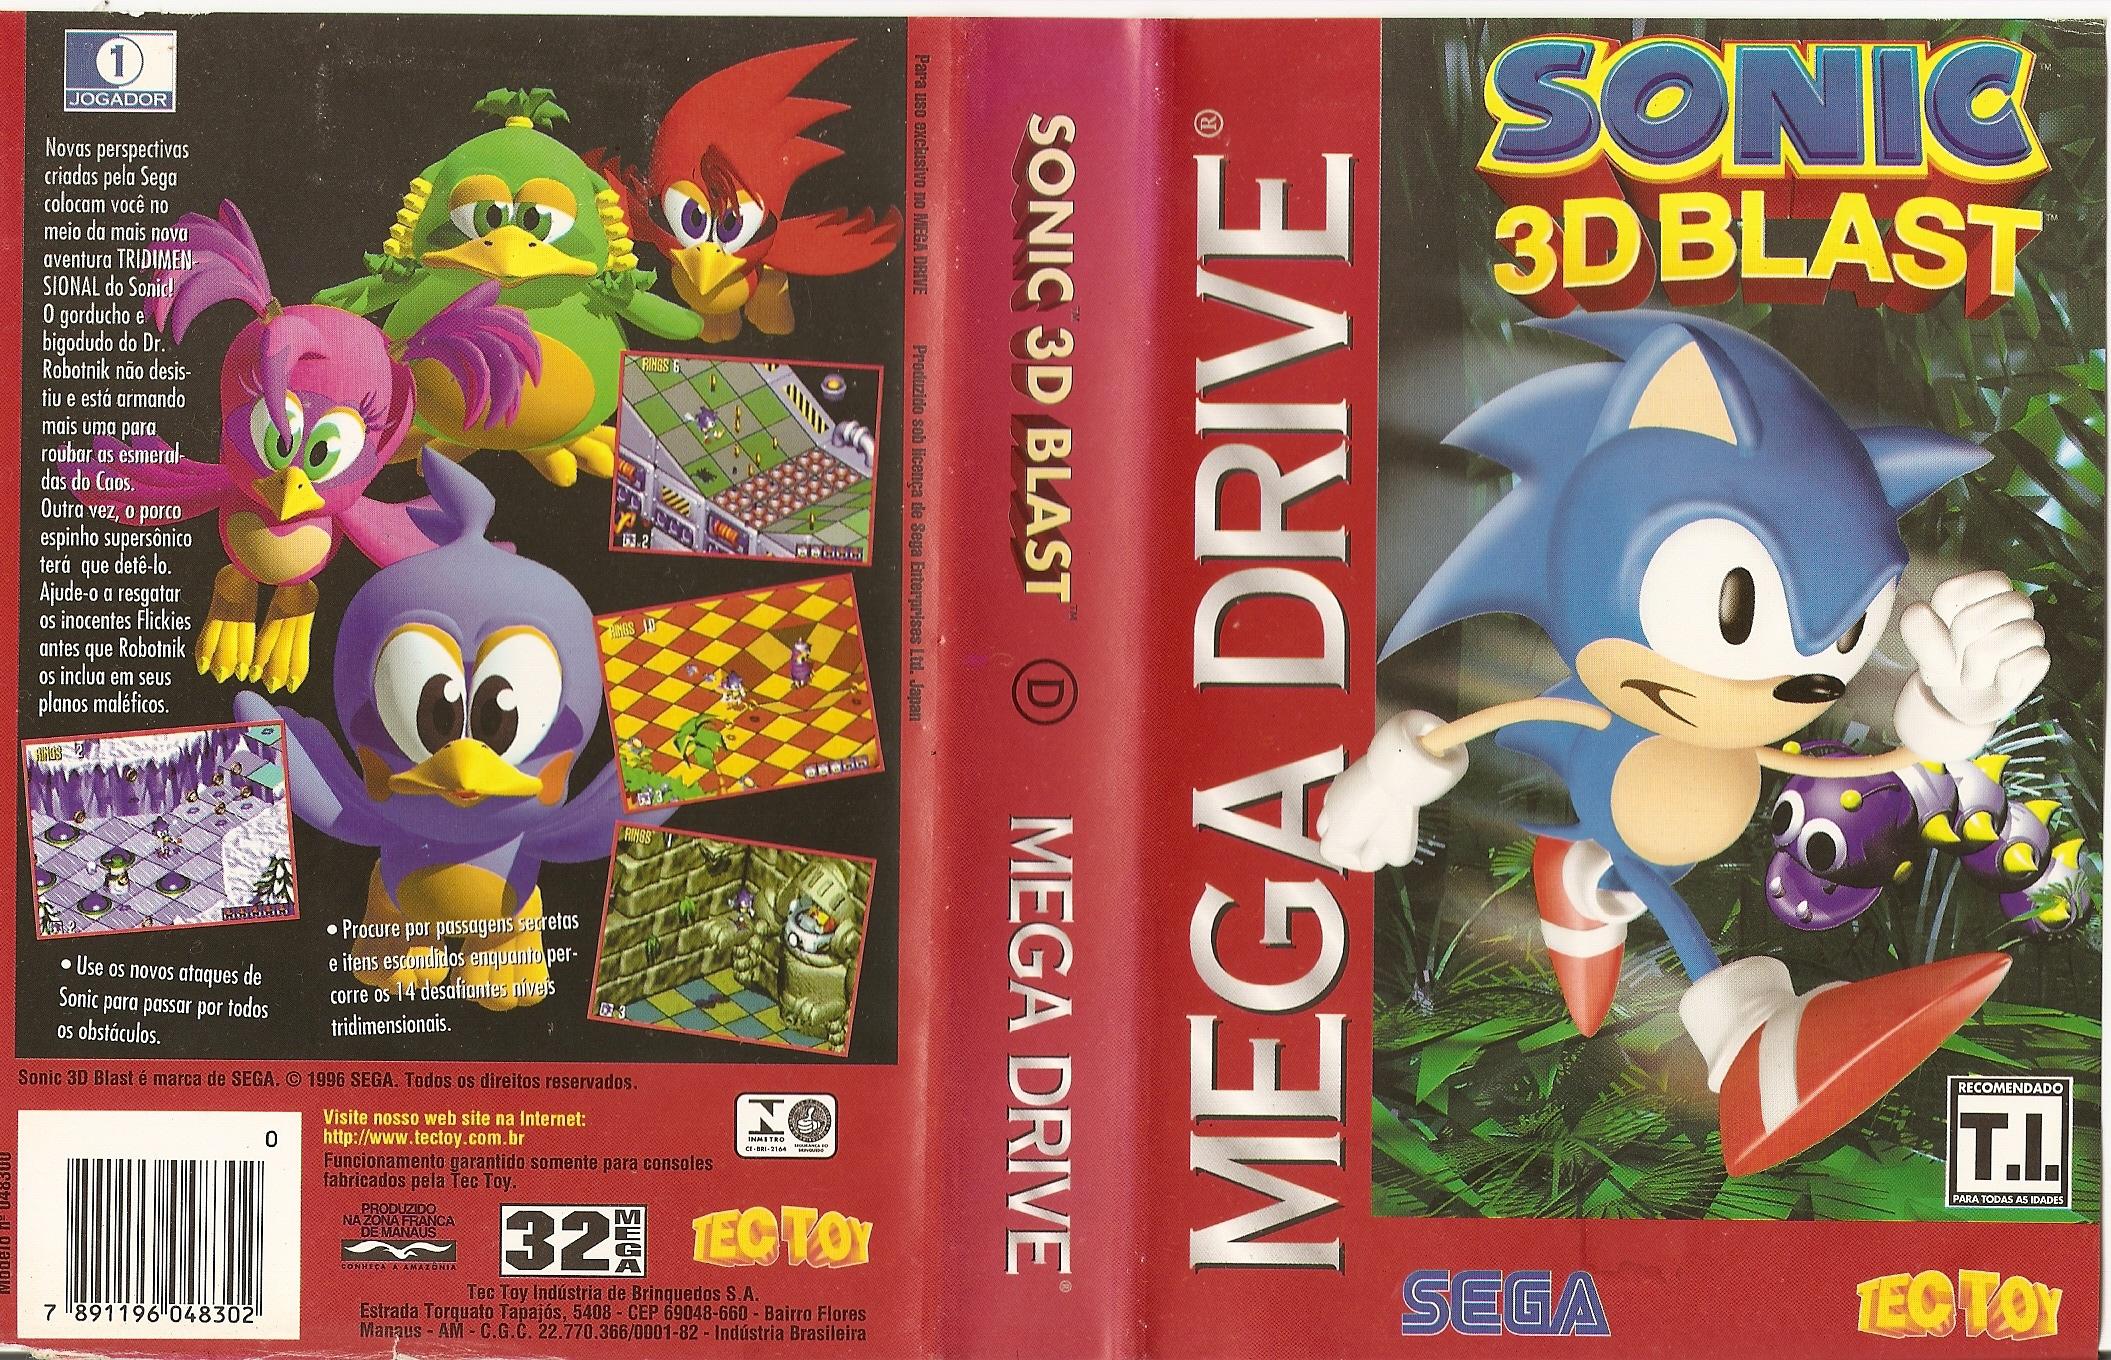 Sonic 3D Blast - Despedindo-se do Mega Drive em grande